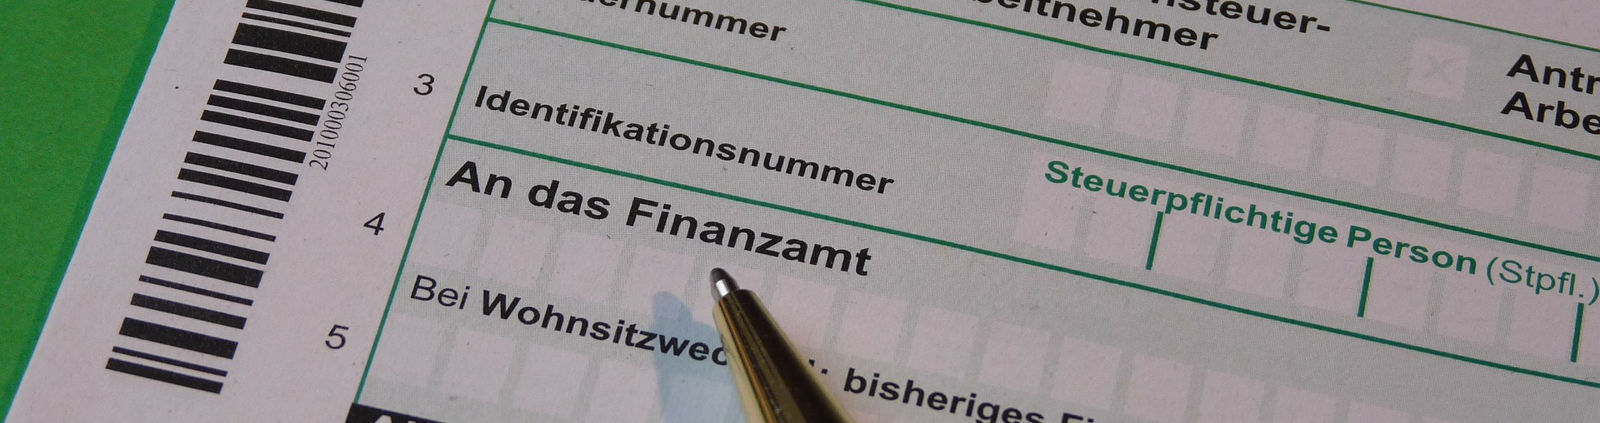 Mirko Ziegler ist Ihr Steuerrechtsanwalt in Rostock